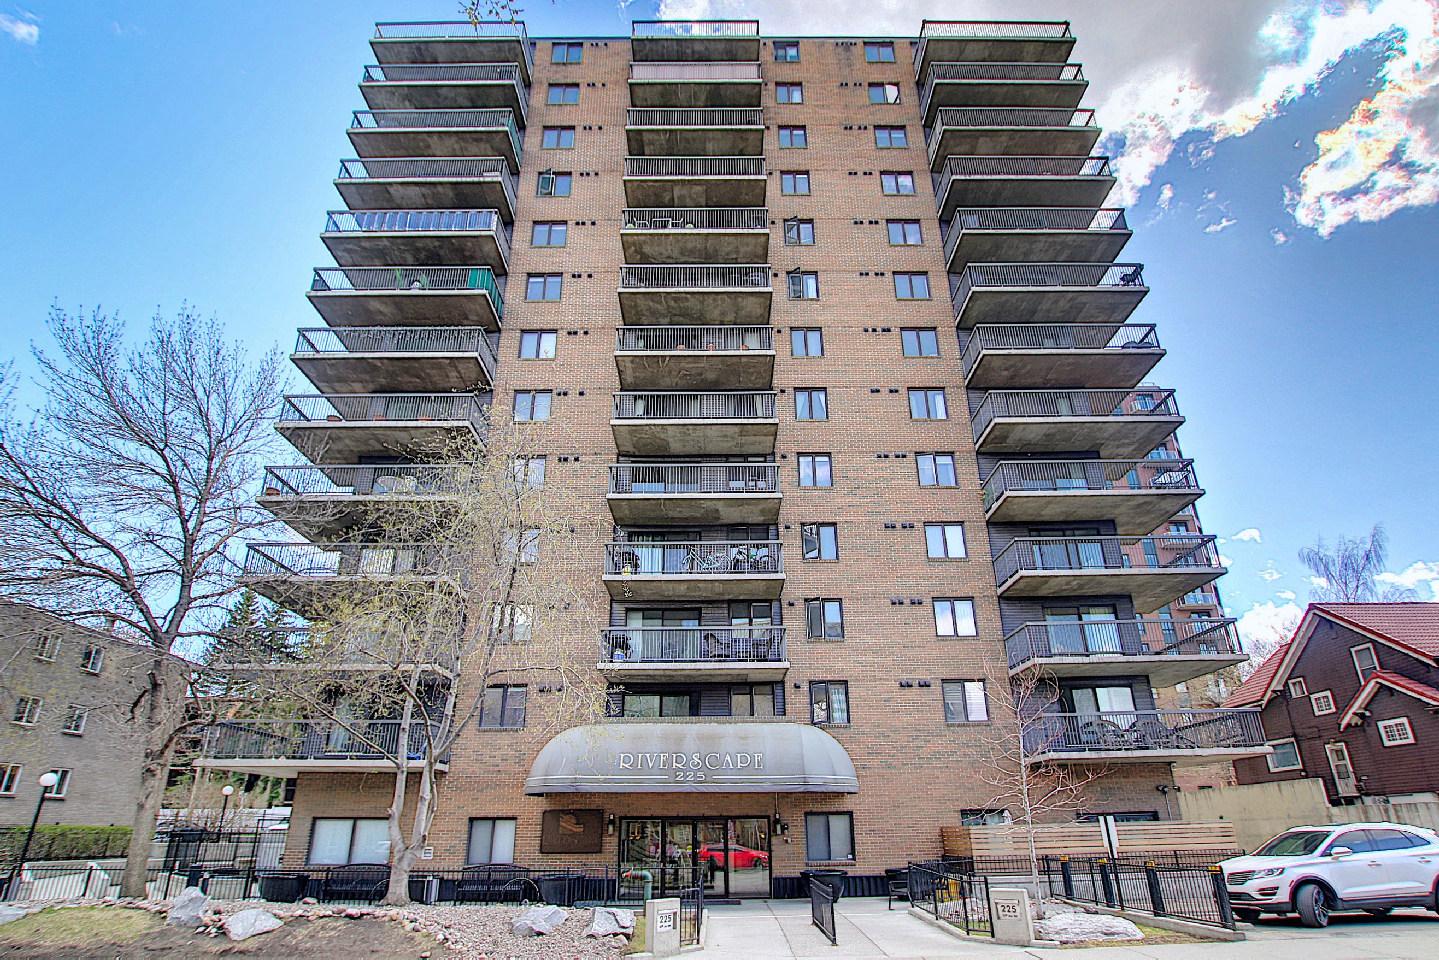 604, 225 25 Avenue SW, Alberta, 2 Bedrooms Bedrooms, ,2 BathroomsBathrooms,Condo,For Rent,Riverscape,25 Avenue ,604,1124